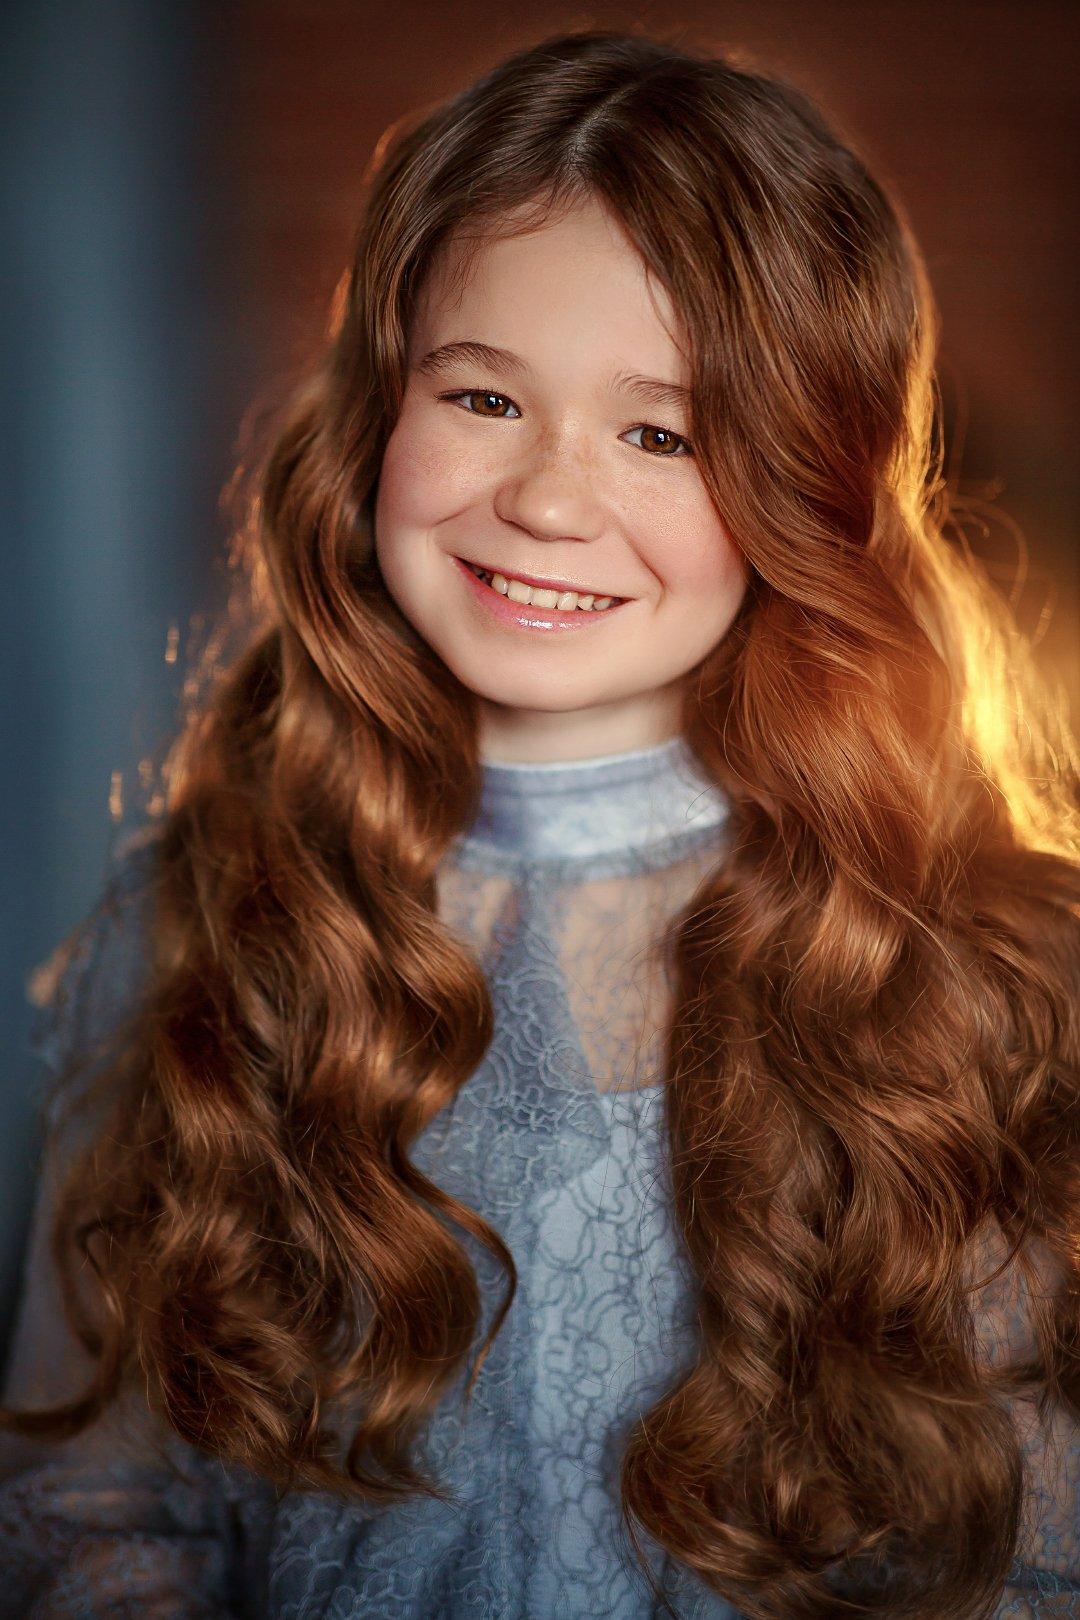 девочка портрет рыжеволосая ginger, Полковникова Катерина